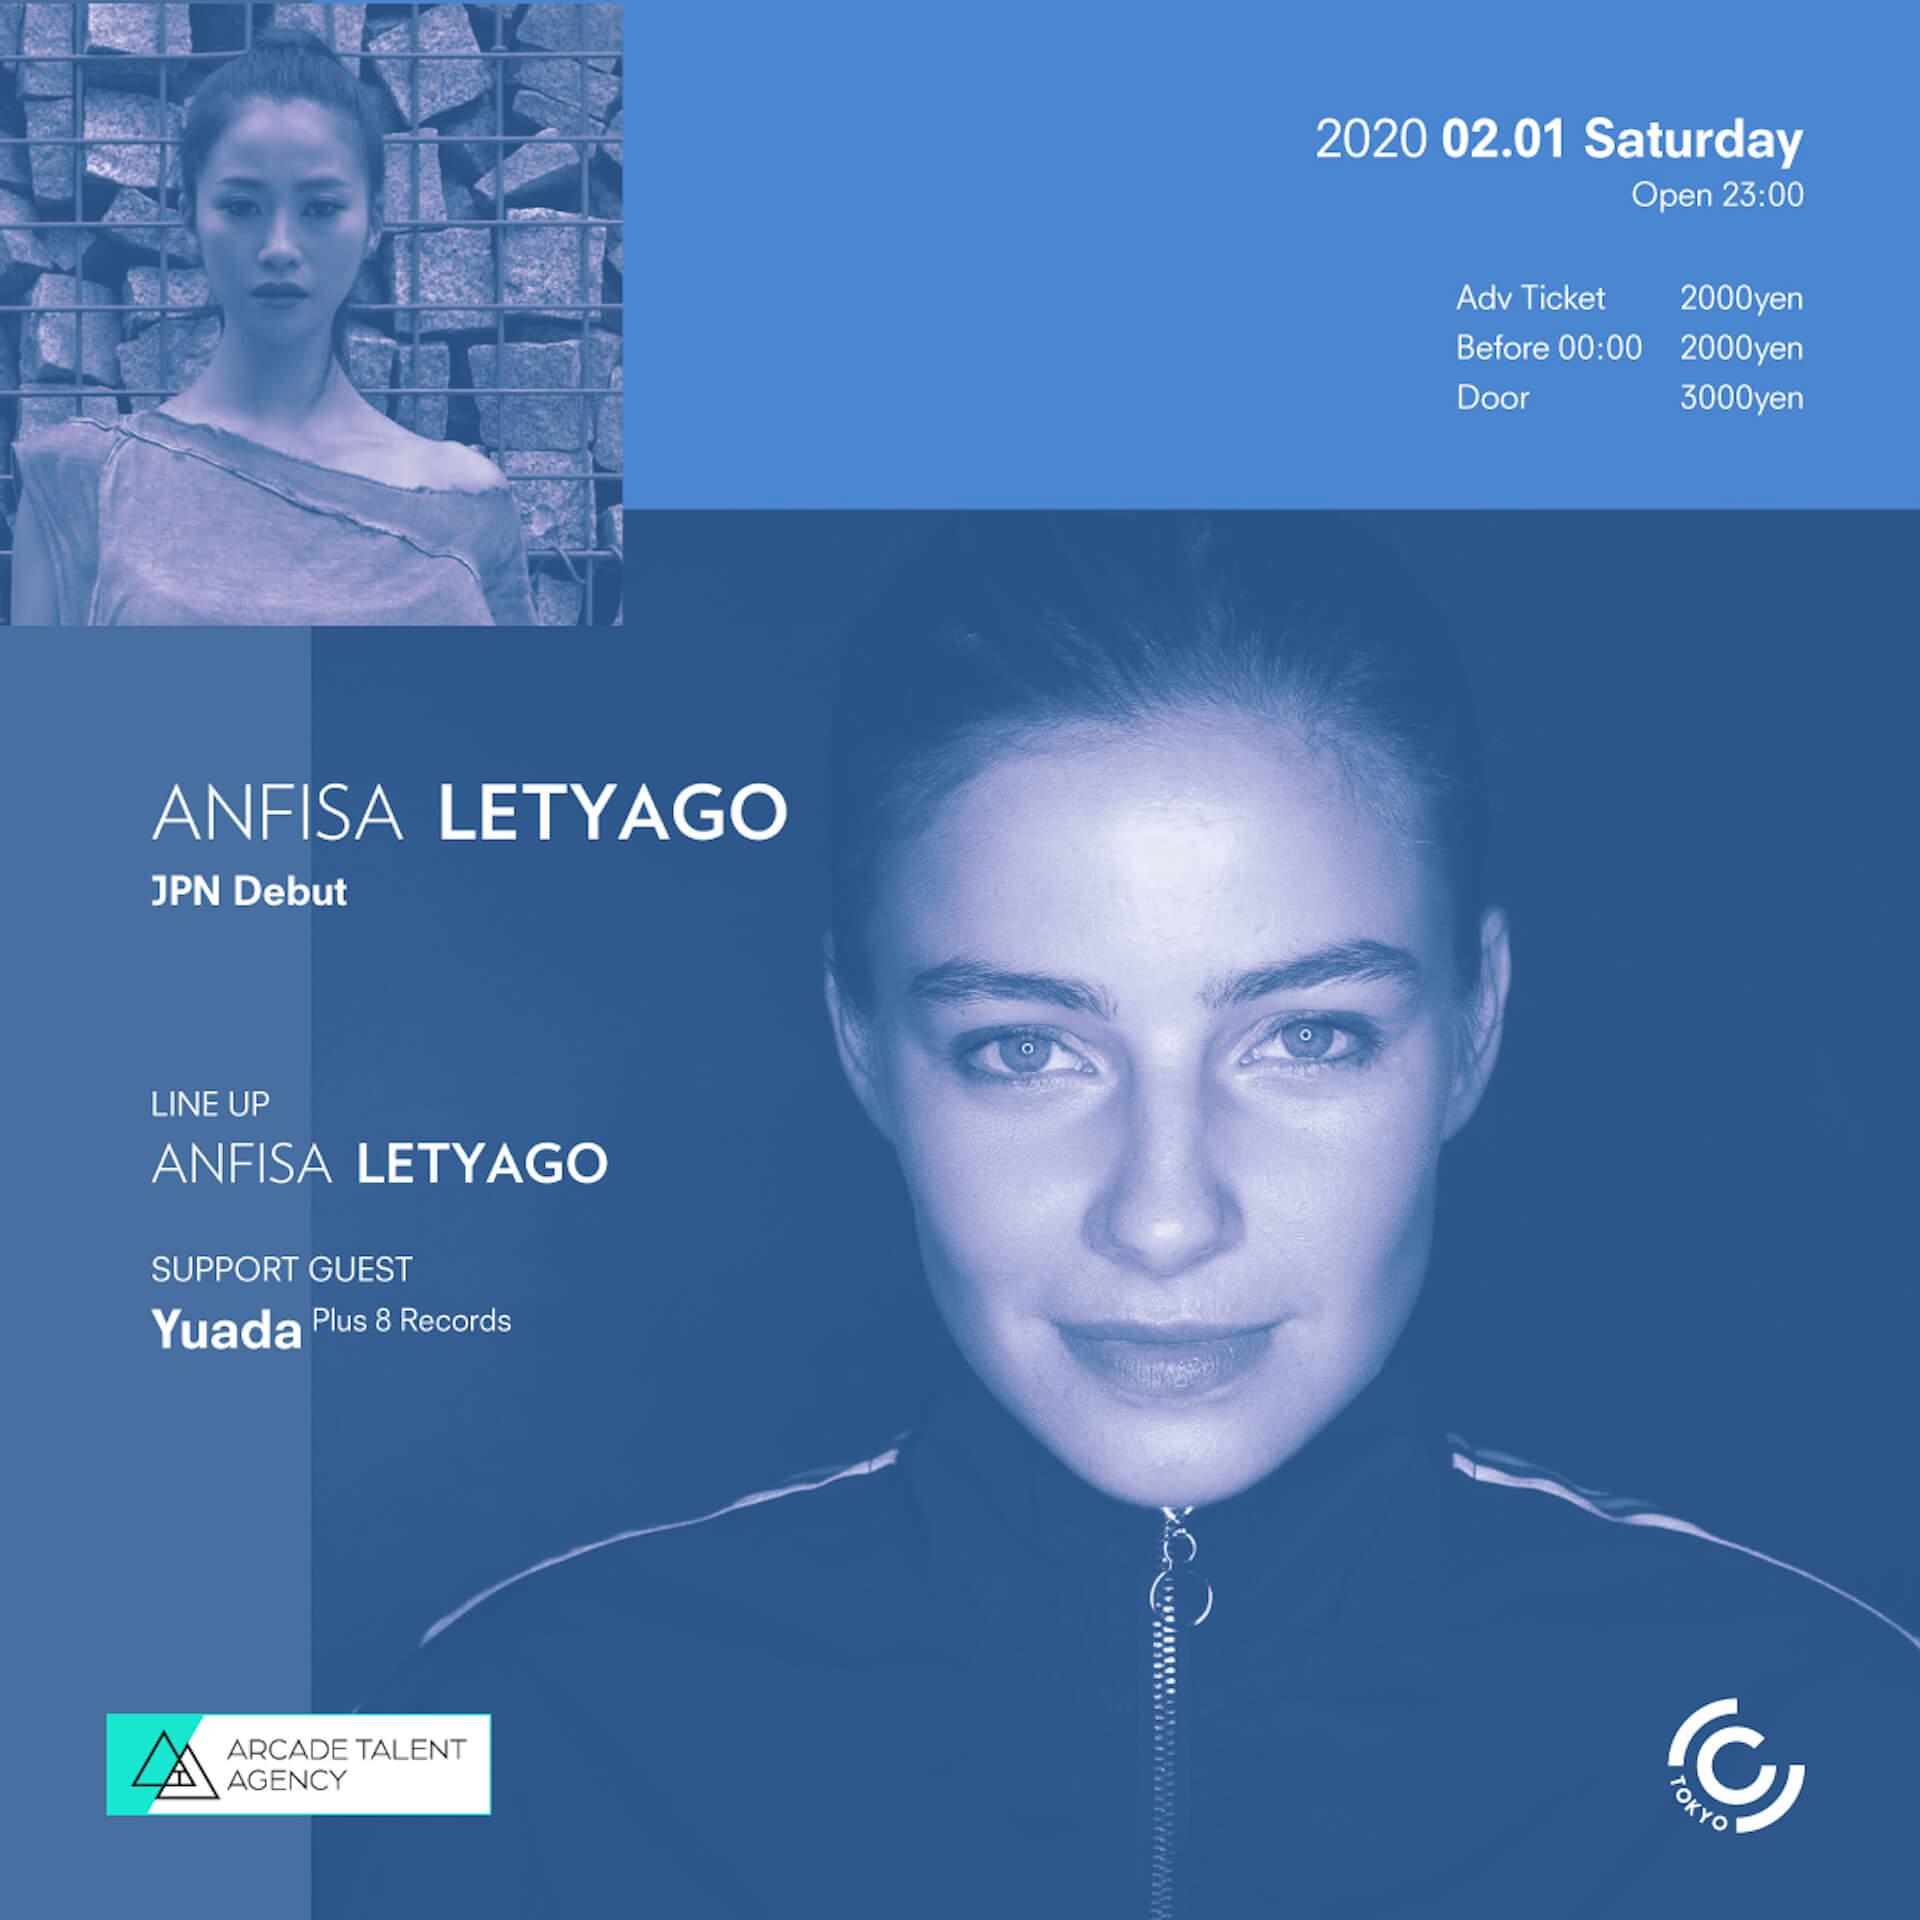 才色兼備のフィメールDJ、Anfisa Letyagoが待望の初来日決定!共演にHITO、YUADA music200121_anfisaletyago_1